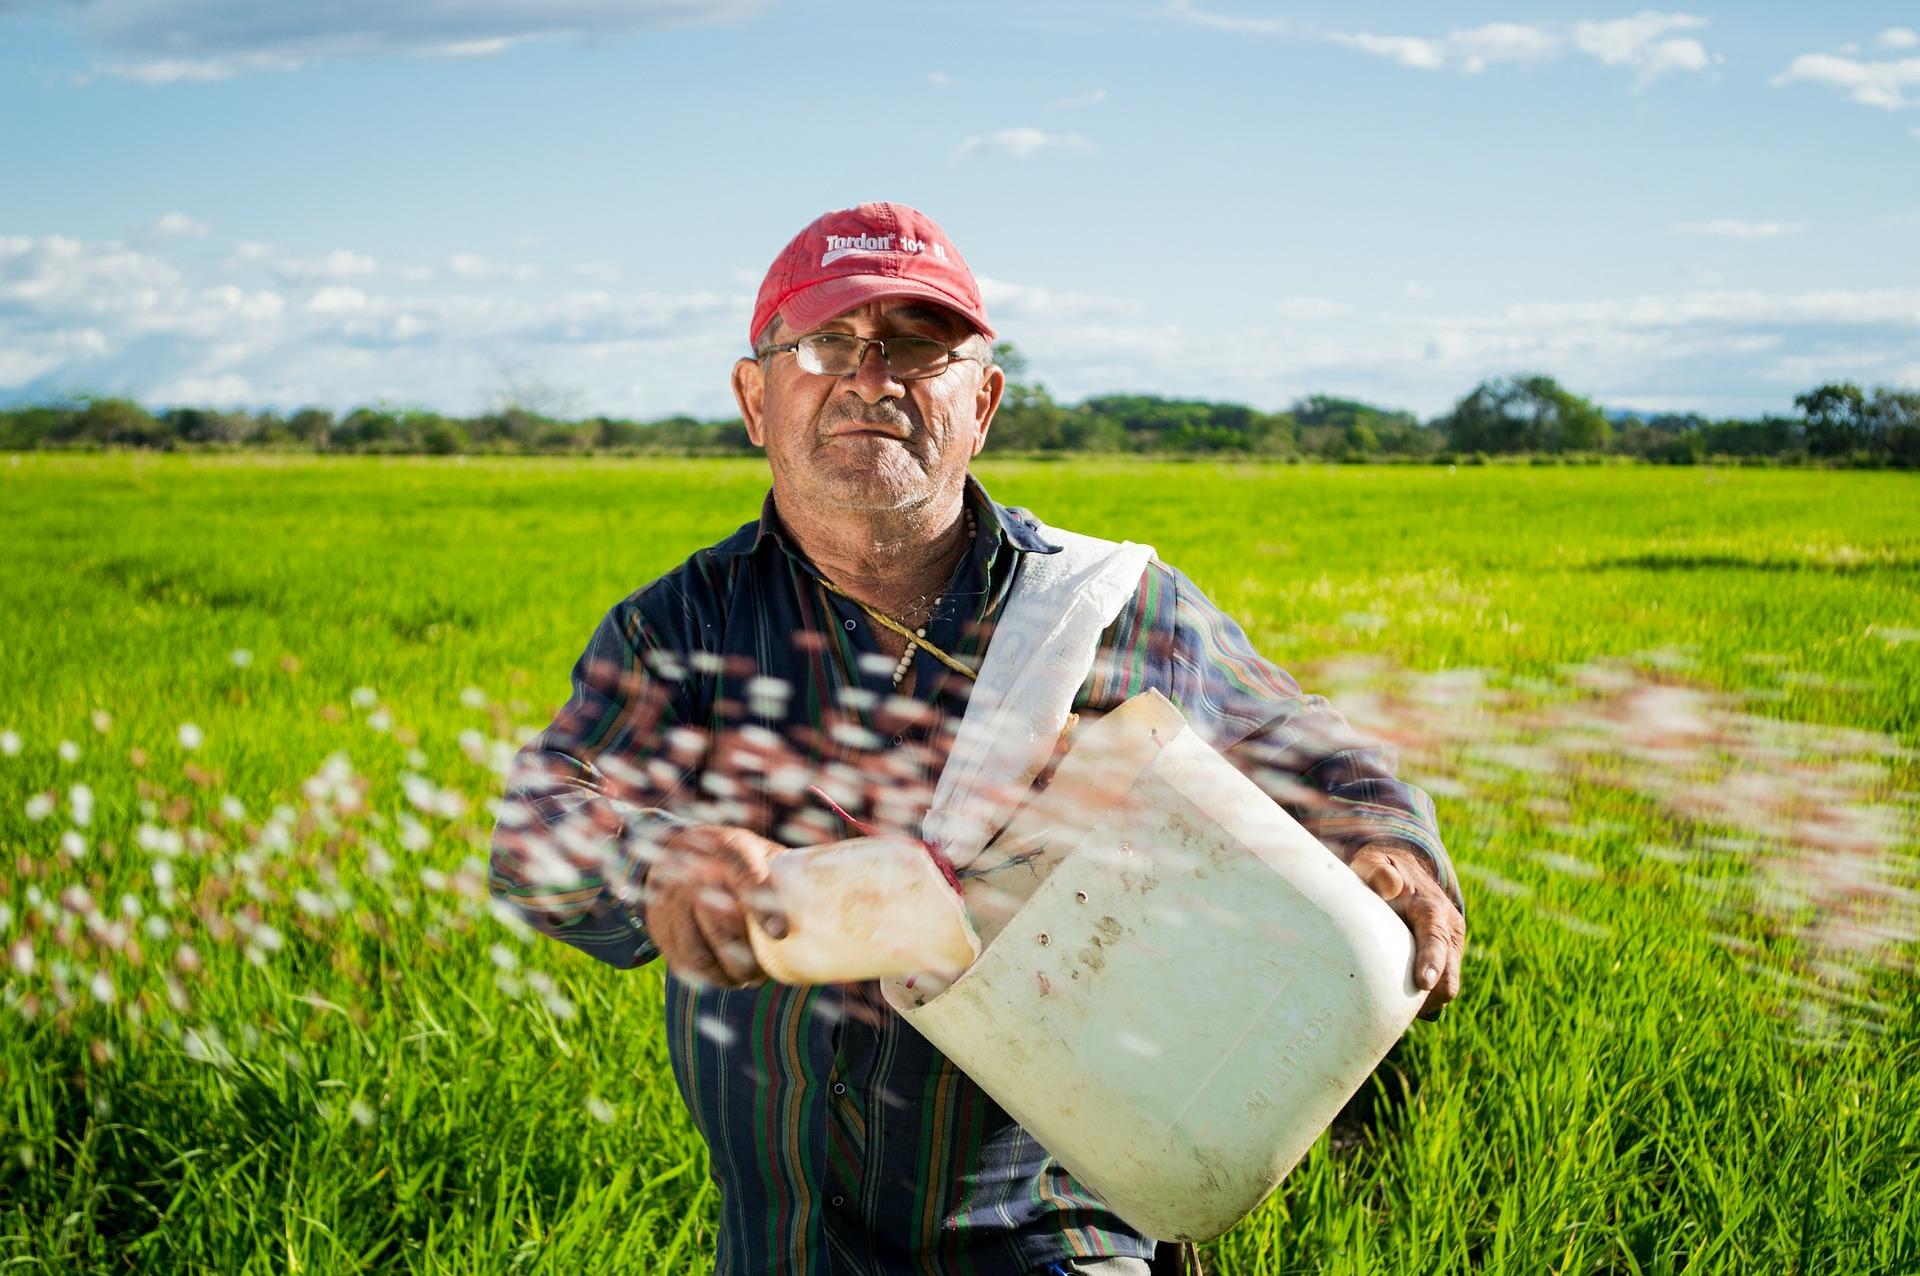 Deputado quer expandir uso de energia solar na agricultura familiar no Mato Grosso